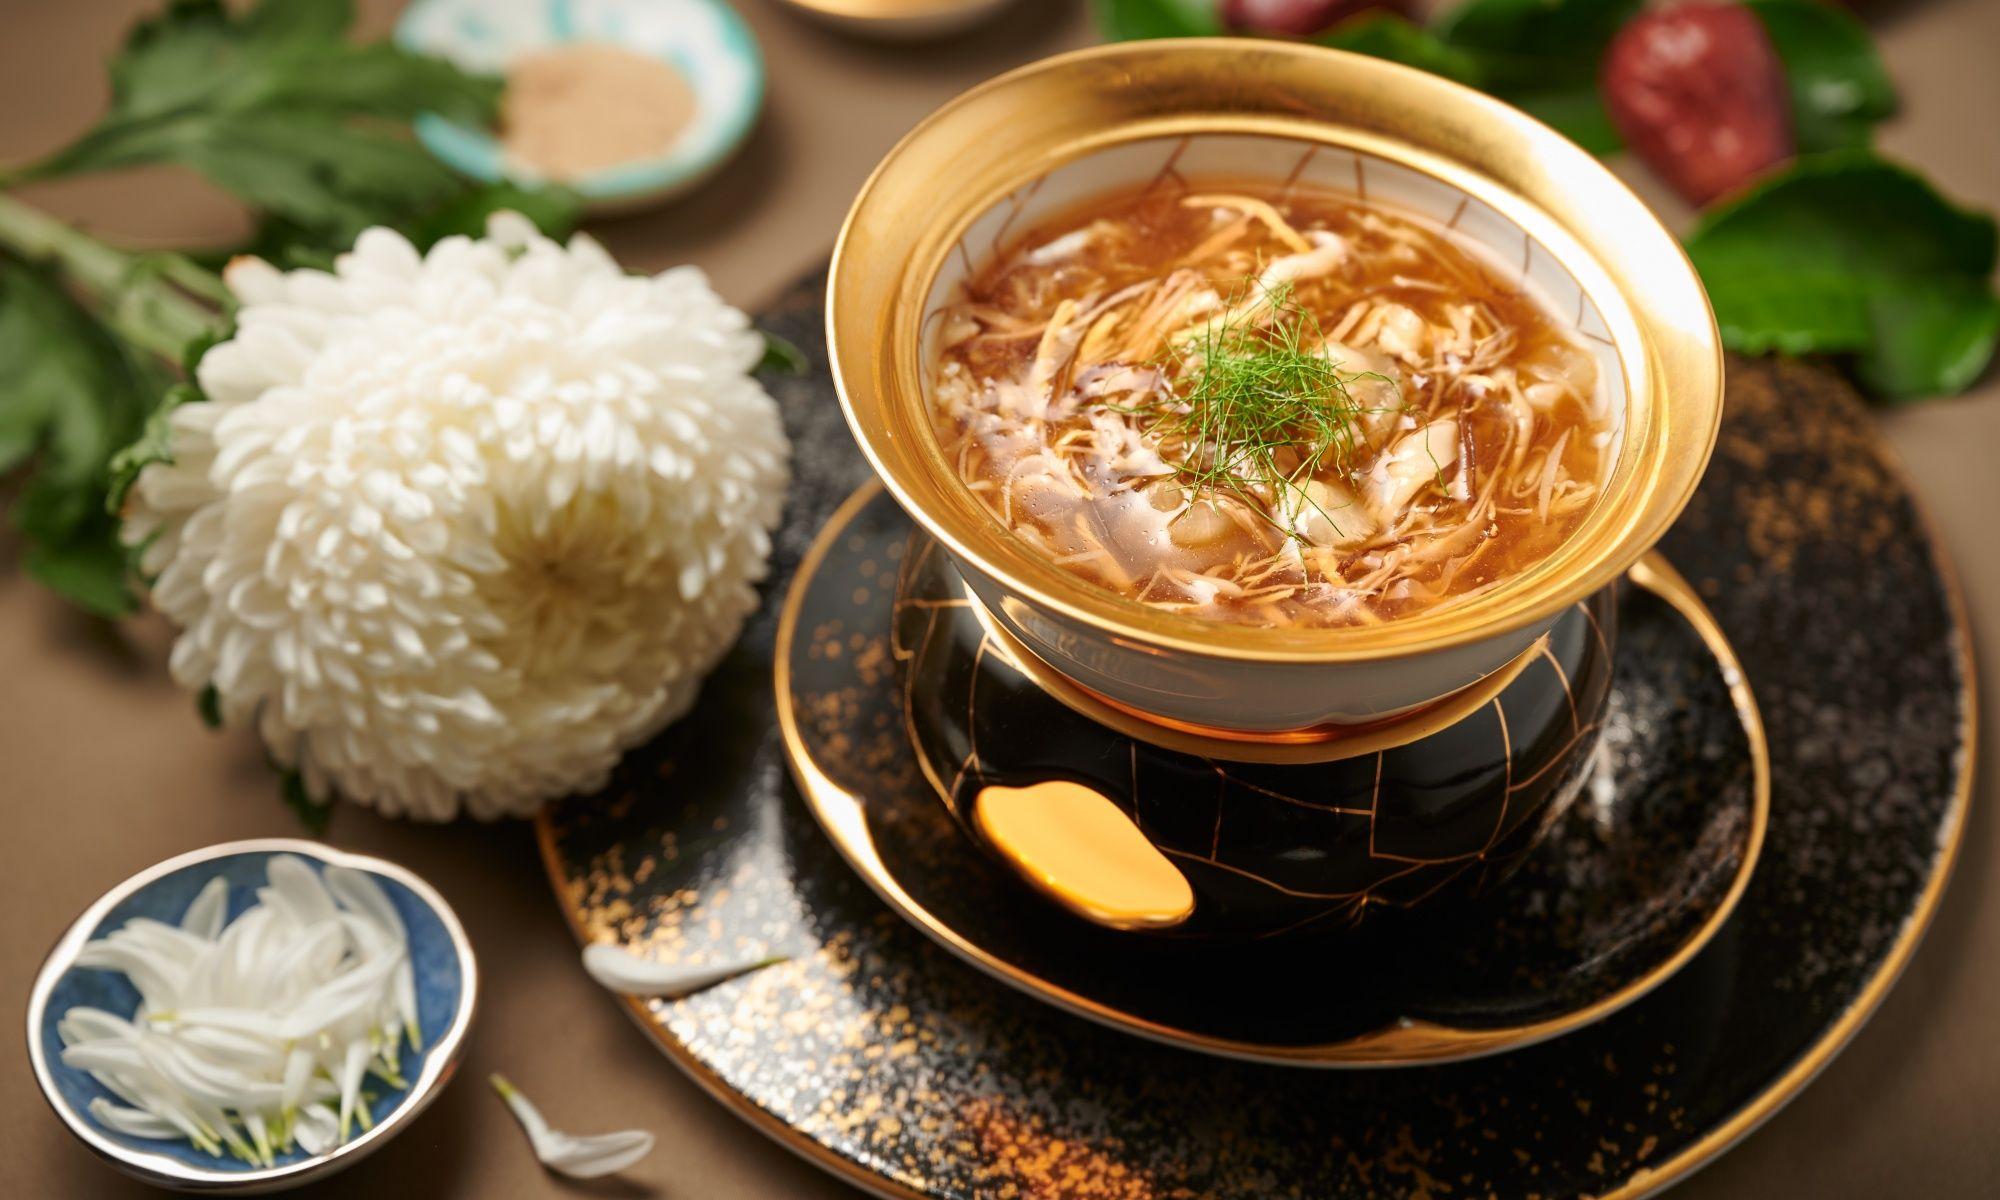 Hong Kong Restaurant News: Butter's Landmark Pop-Up, Cookie DPT's New Treats And More